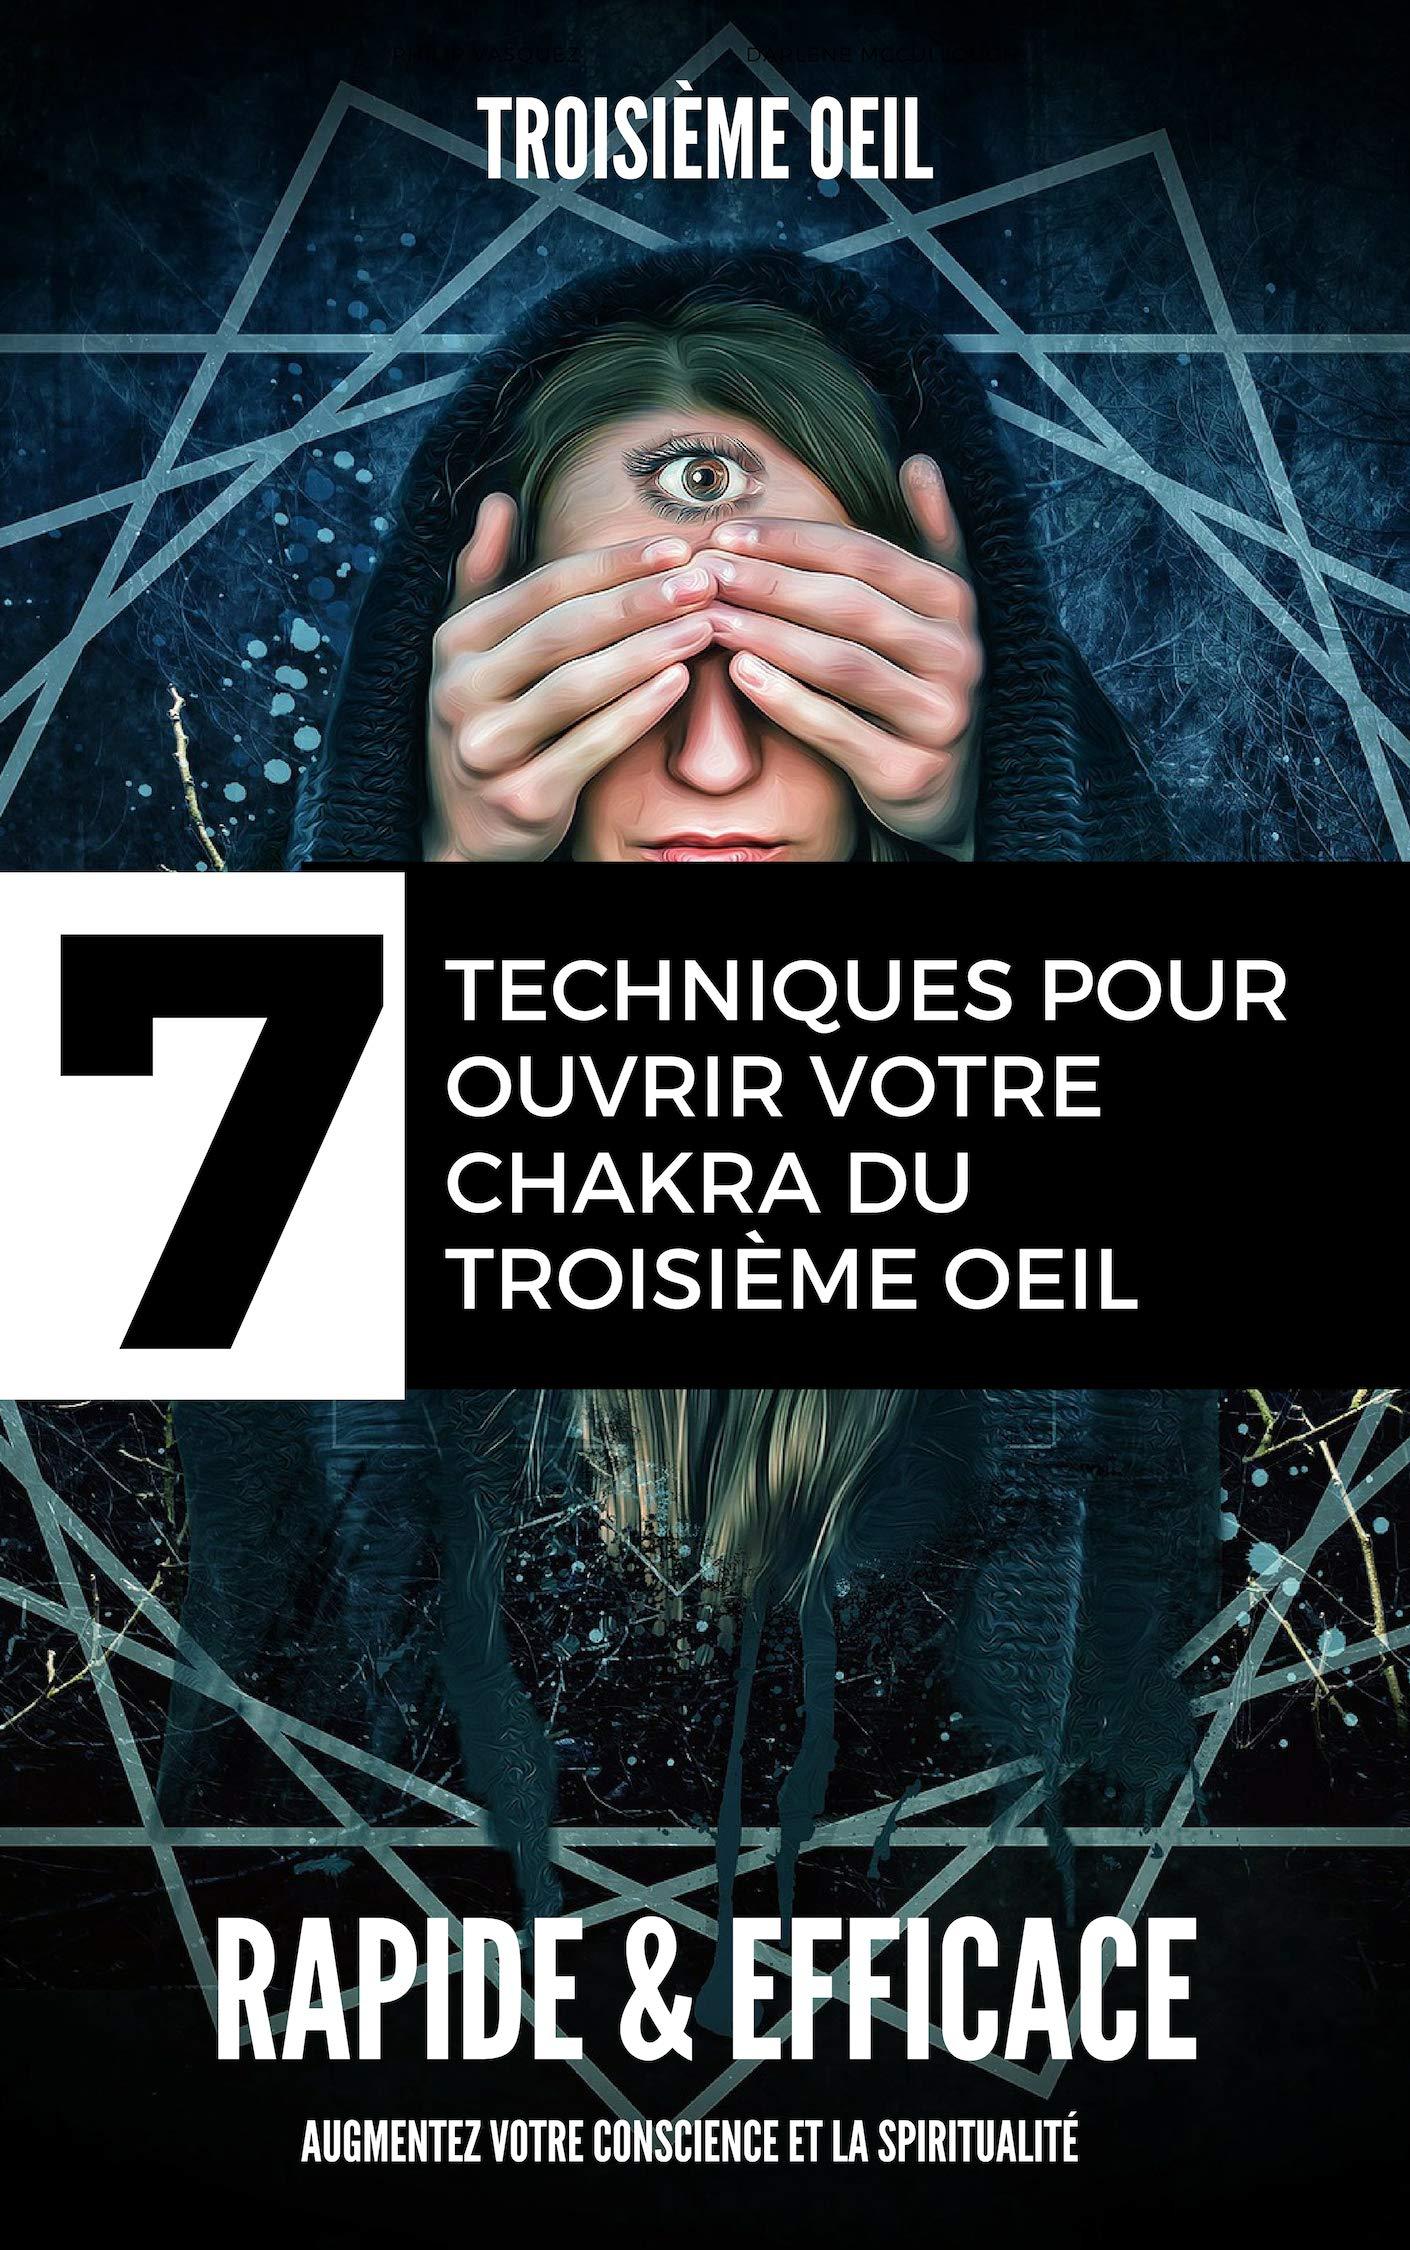 troisieme oeil : 7 Techniques pour ouvrir votre chakra du troisième œil - Rapides & Simples augmentez votre conscience et la spiritualité: (glande pinéal, éveil, medium, spirituel, voyance,)